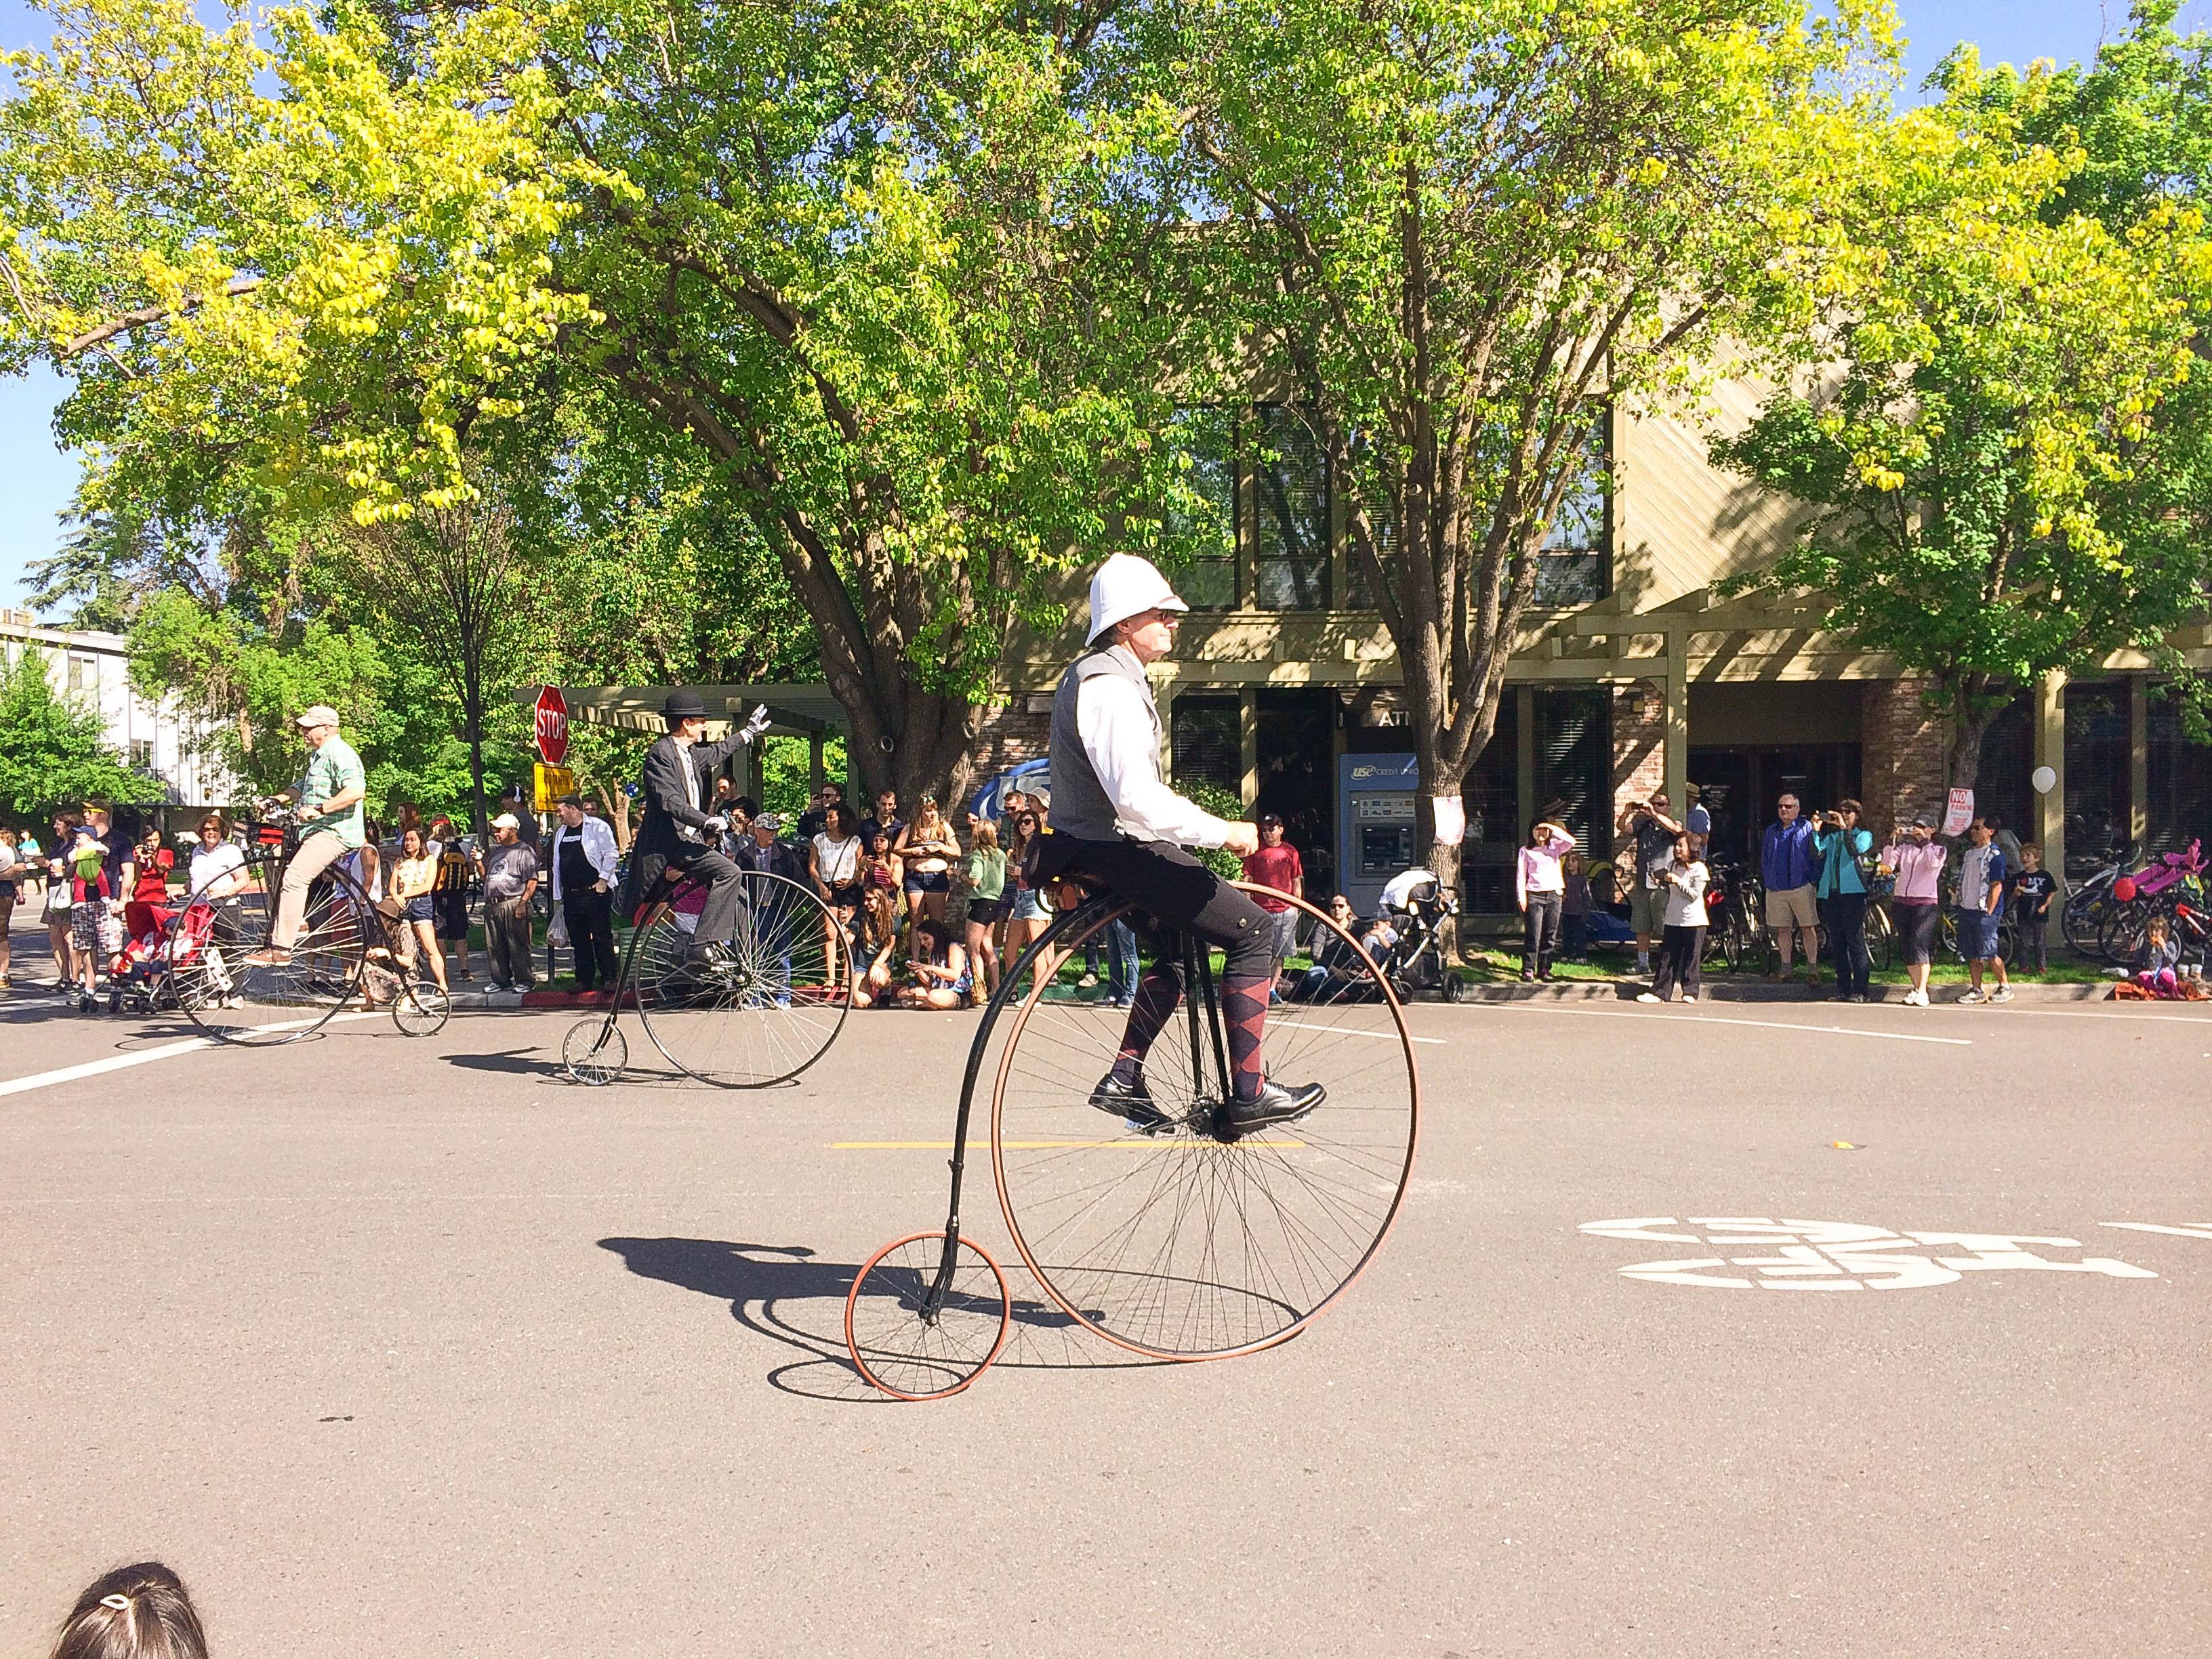 Chiếc xe đạp này cũng là biểu tượng của thành phố